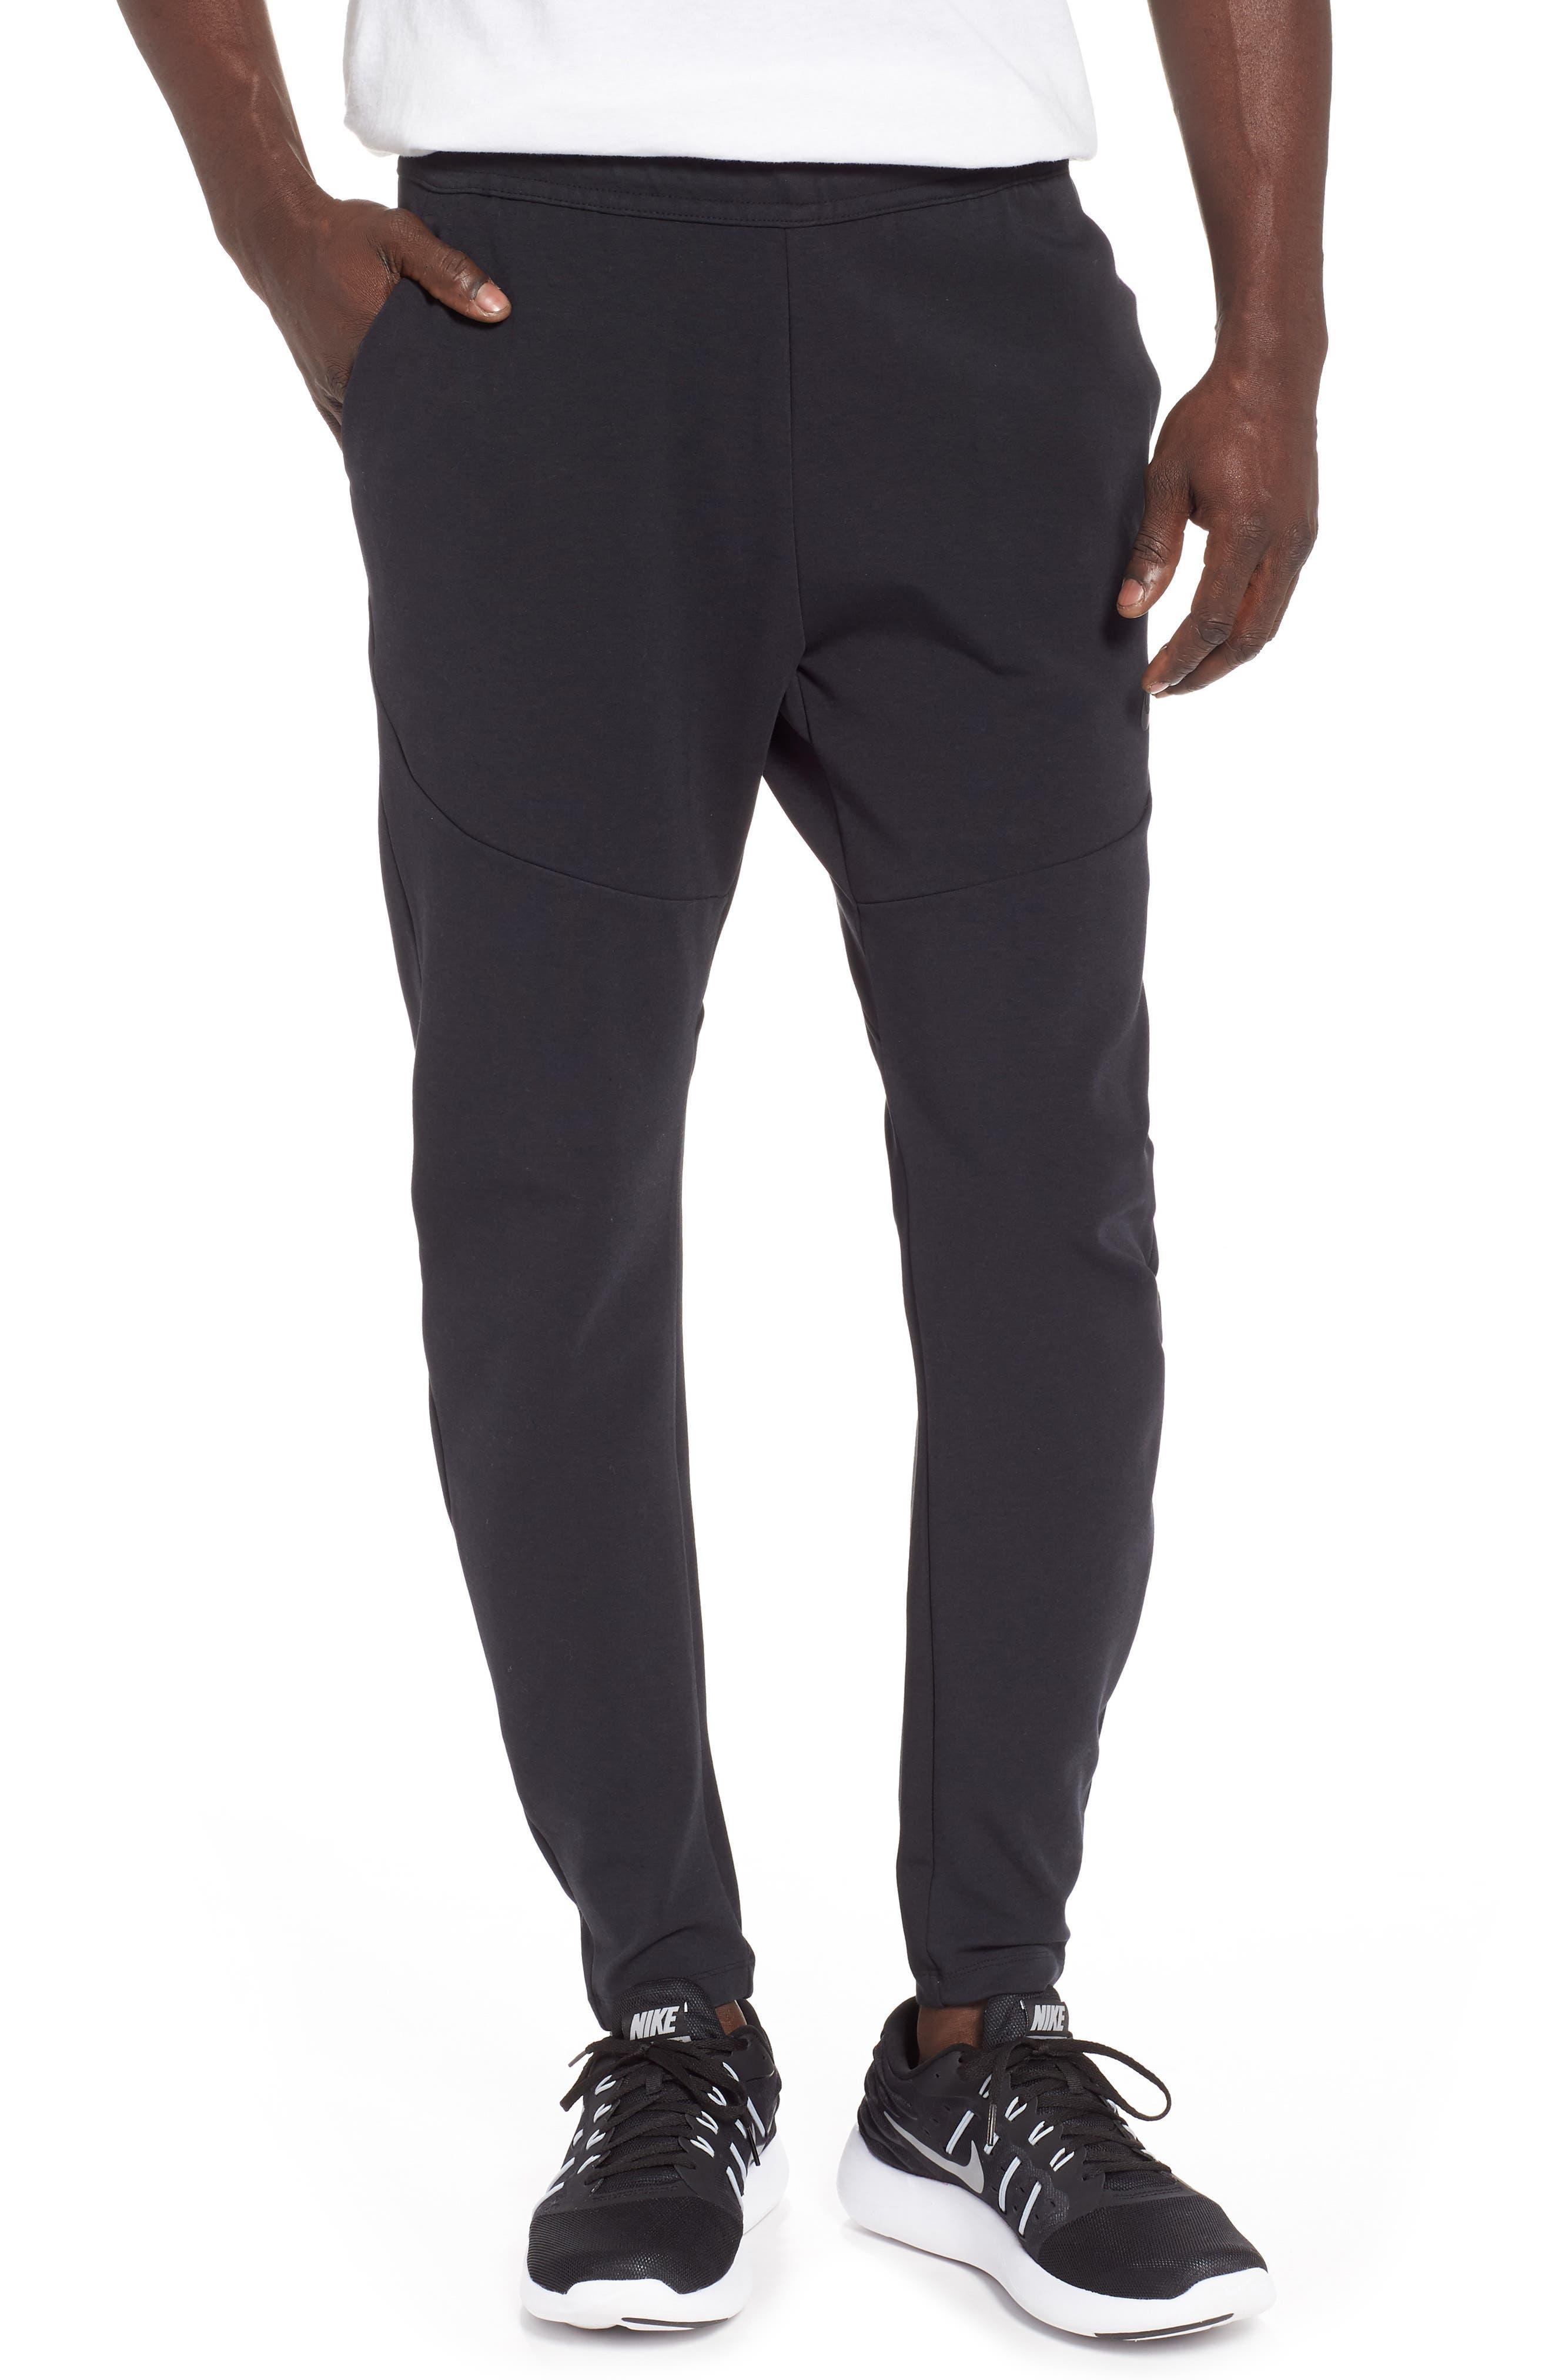 Tech Knit Jogger Pants,                             Main thumbnail 1, color,                             BLACK/ BLACK